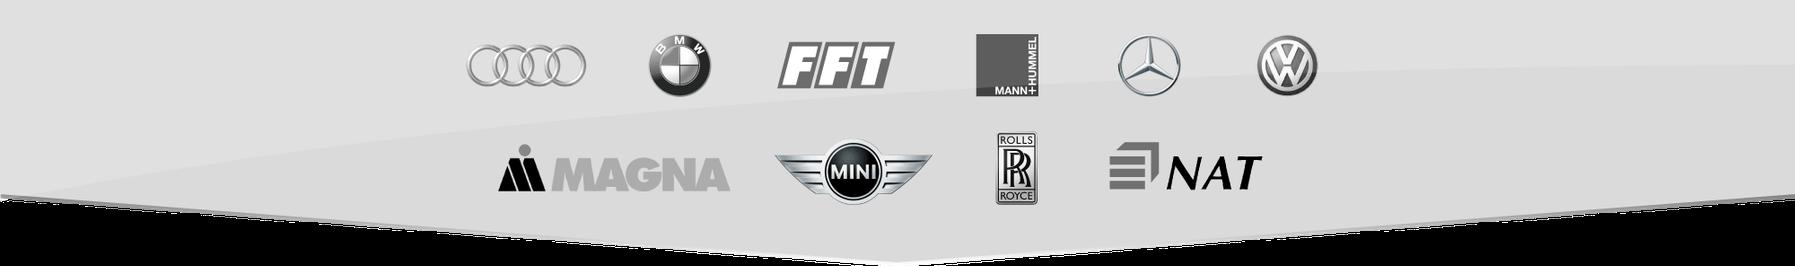 RTB und seine Referenzen: Ob Audi, BMW, Mercedes, VW oder Rolls Royce - zu unseren Kunden zählt das Who is Who der Automobilbranche